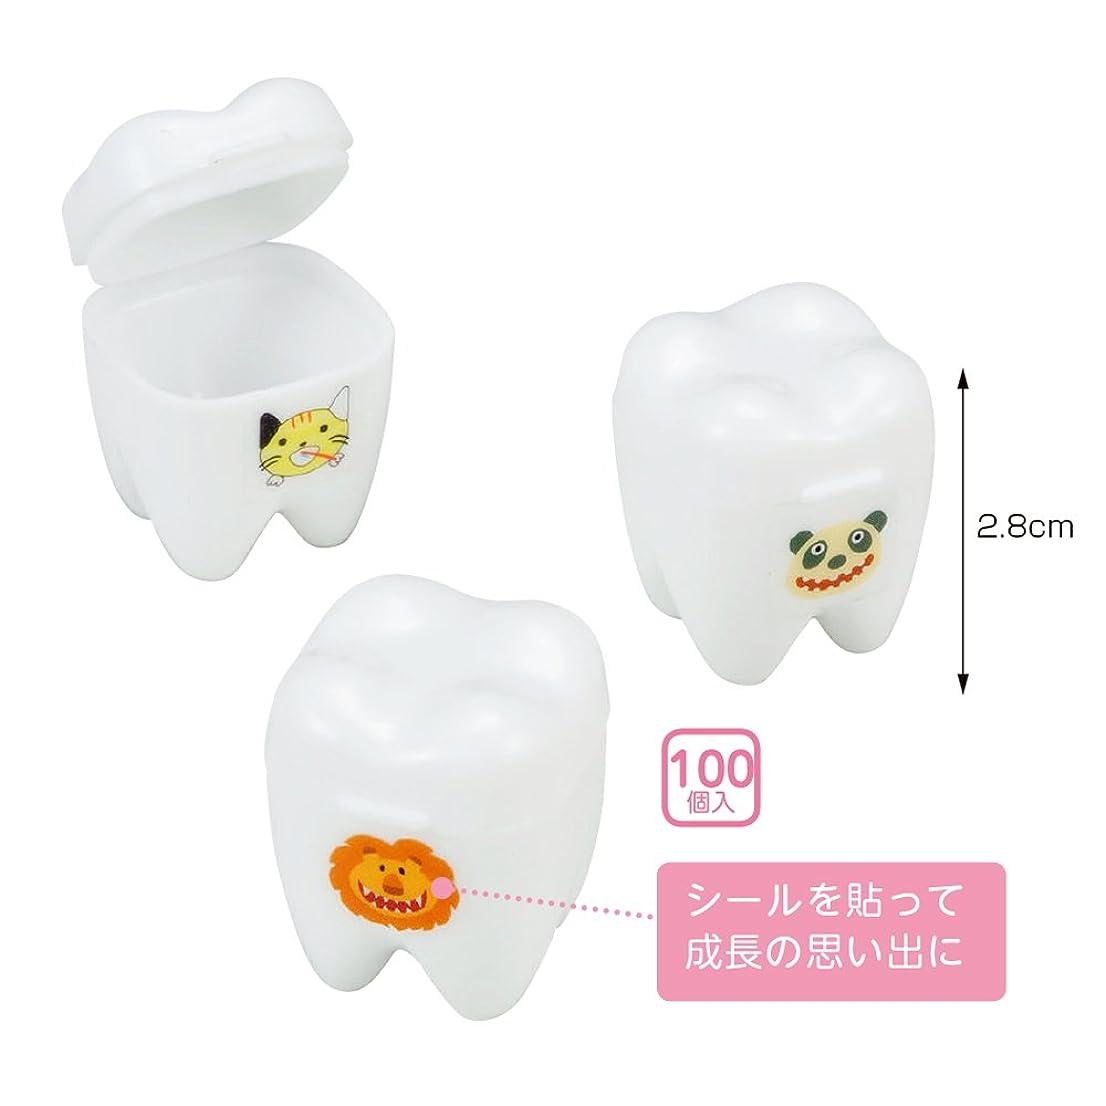 センターミニチュア比喩乳歯保存ケース 抜けた乳歯のメモリーケース(100個入)